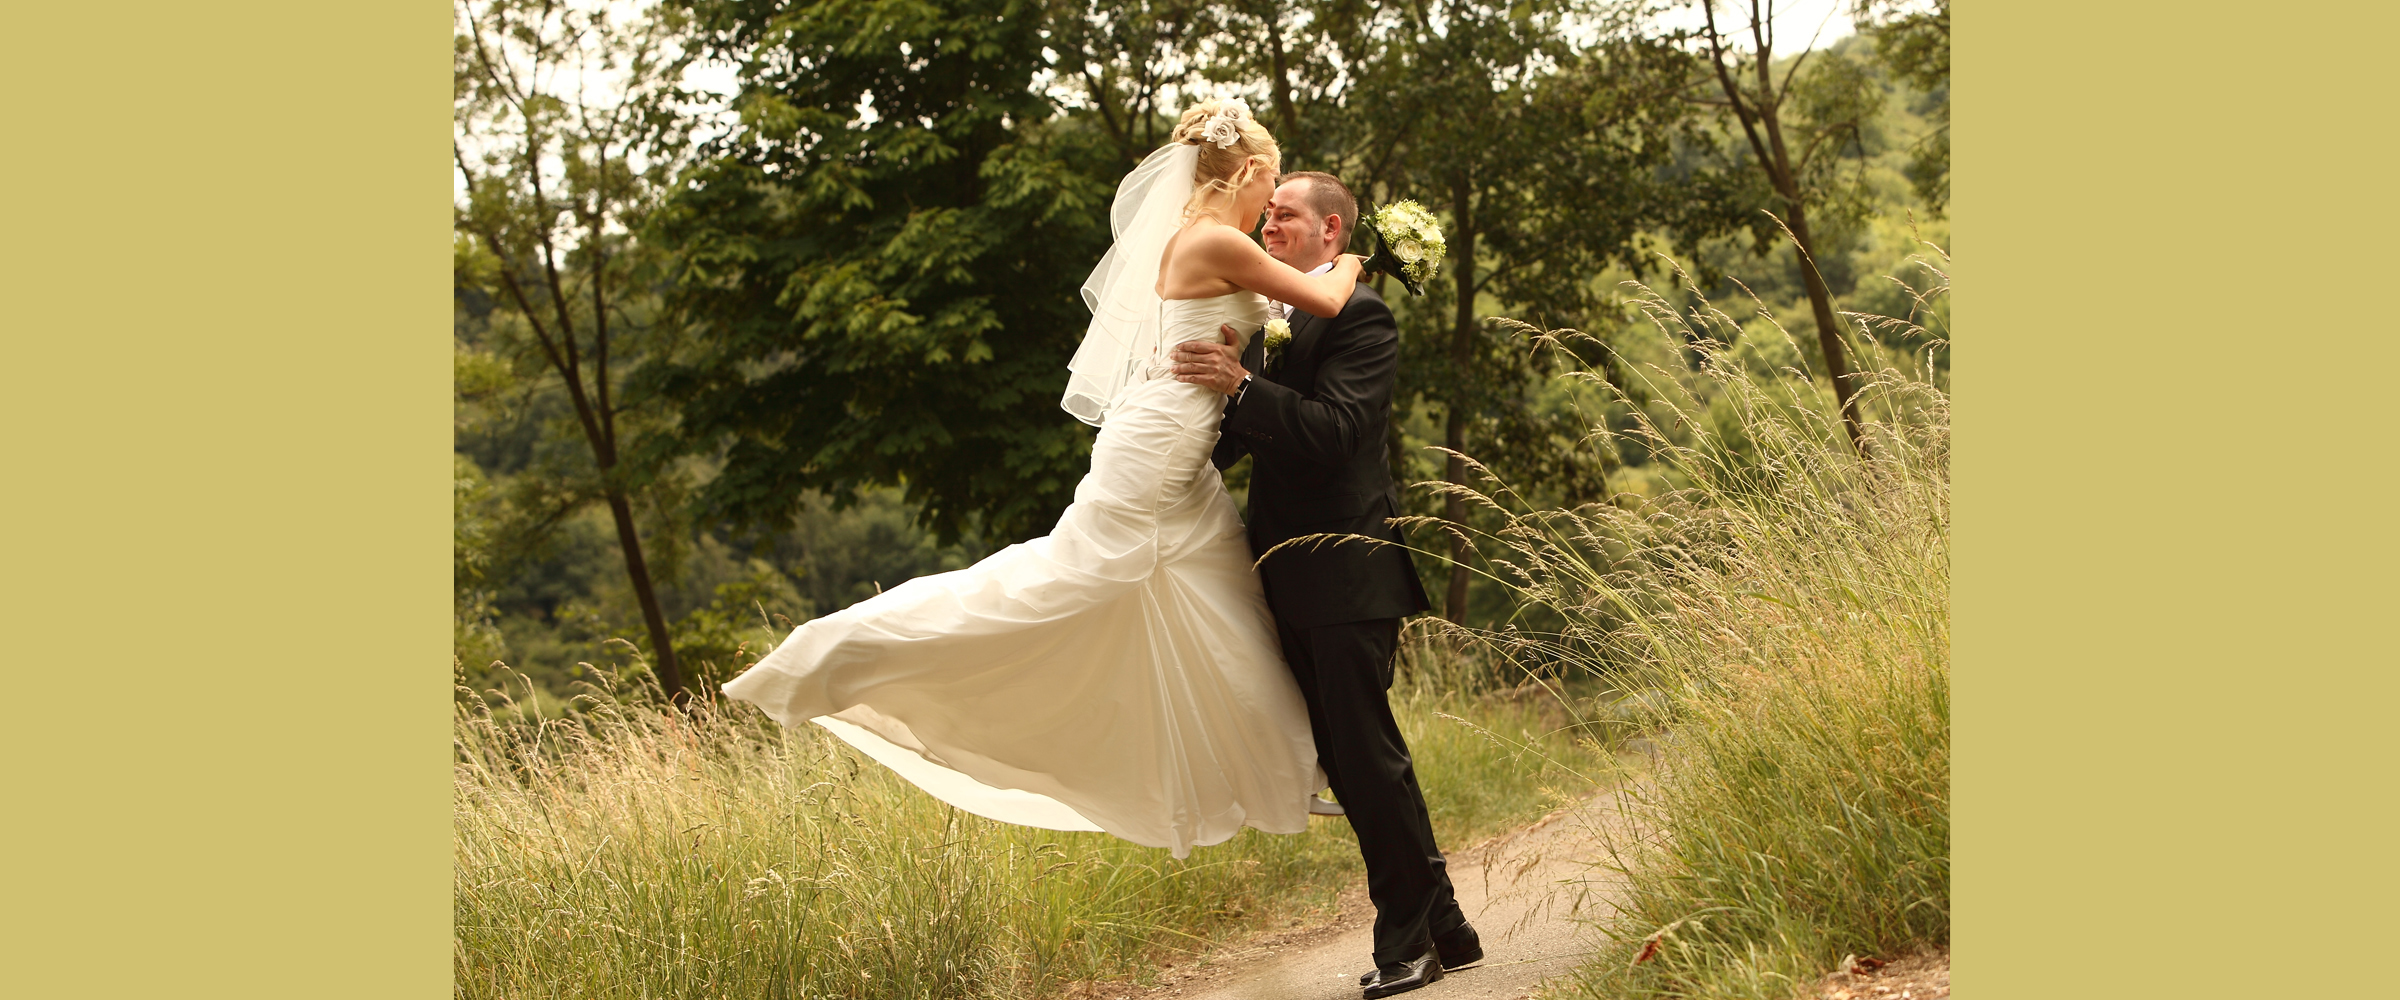 Hochzeitsportrait in der Natur eines lächelnden Mannes im dunklen Anzug, der eine blonde Frau hoch hebt, die ein weißes Brautkleid mit Schleppe trägt (Brautpaar).